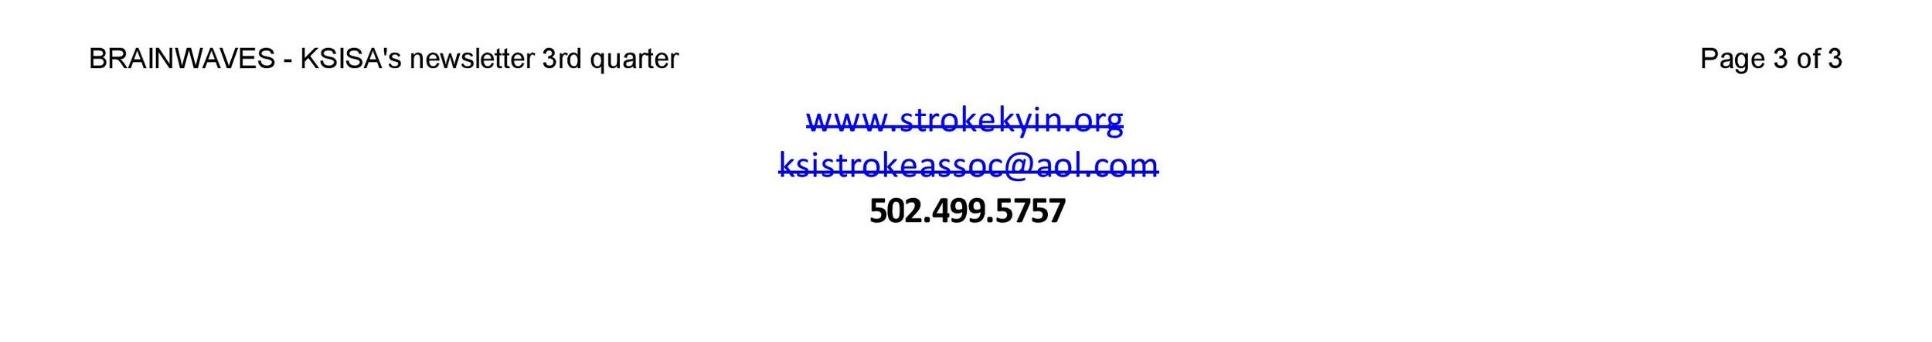 KsiStrokeAssoc@aol.com